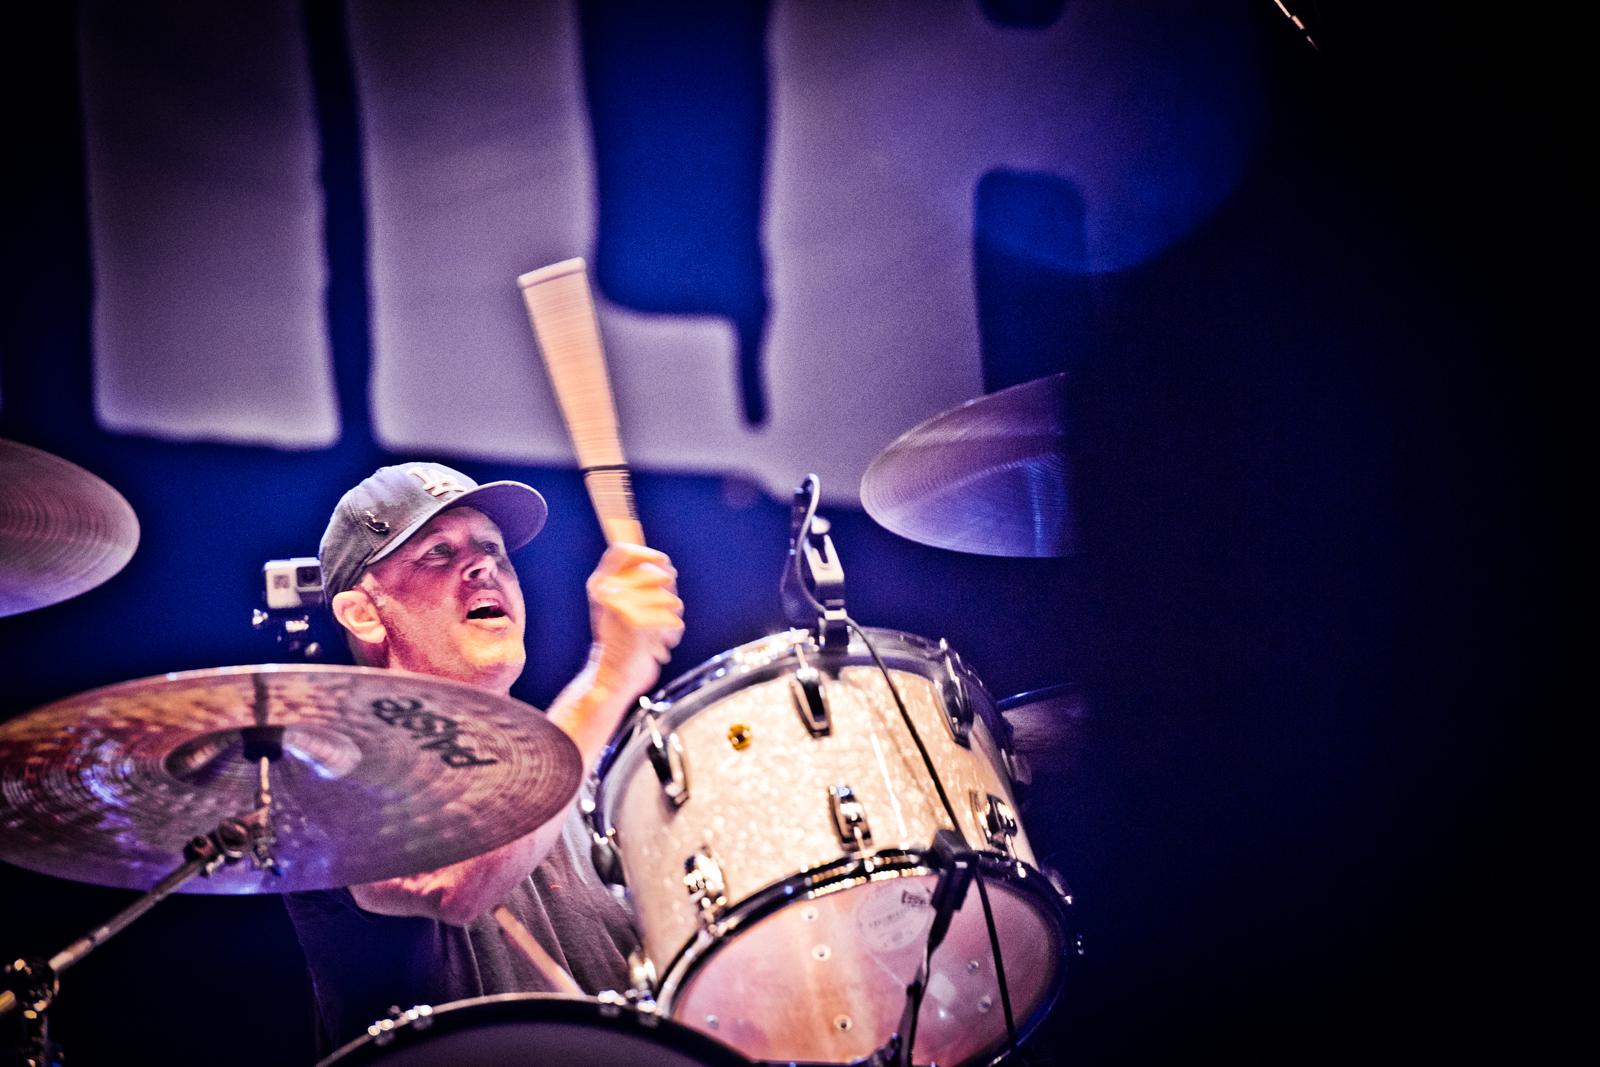 Drummer Adam Pfahler